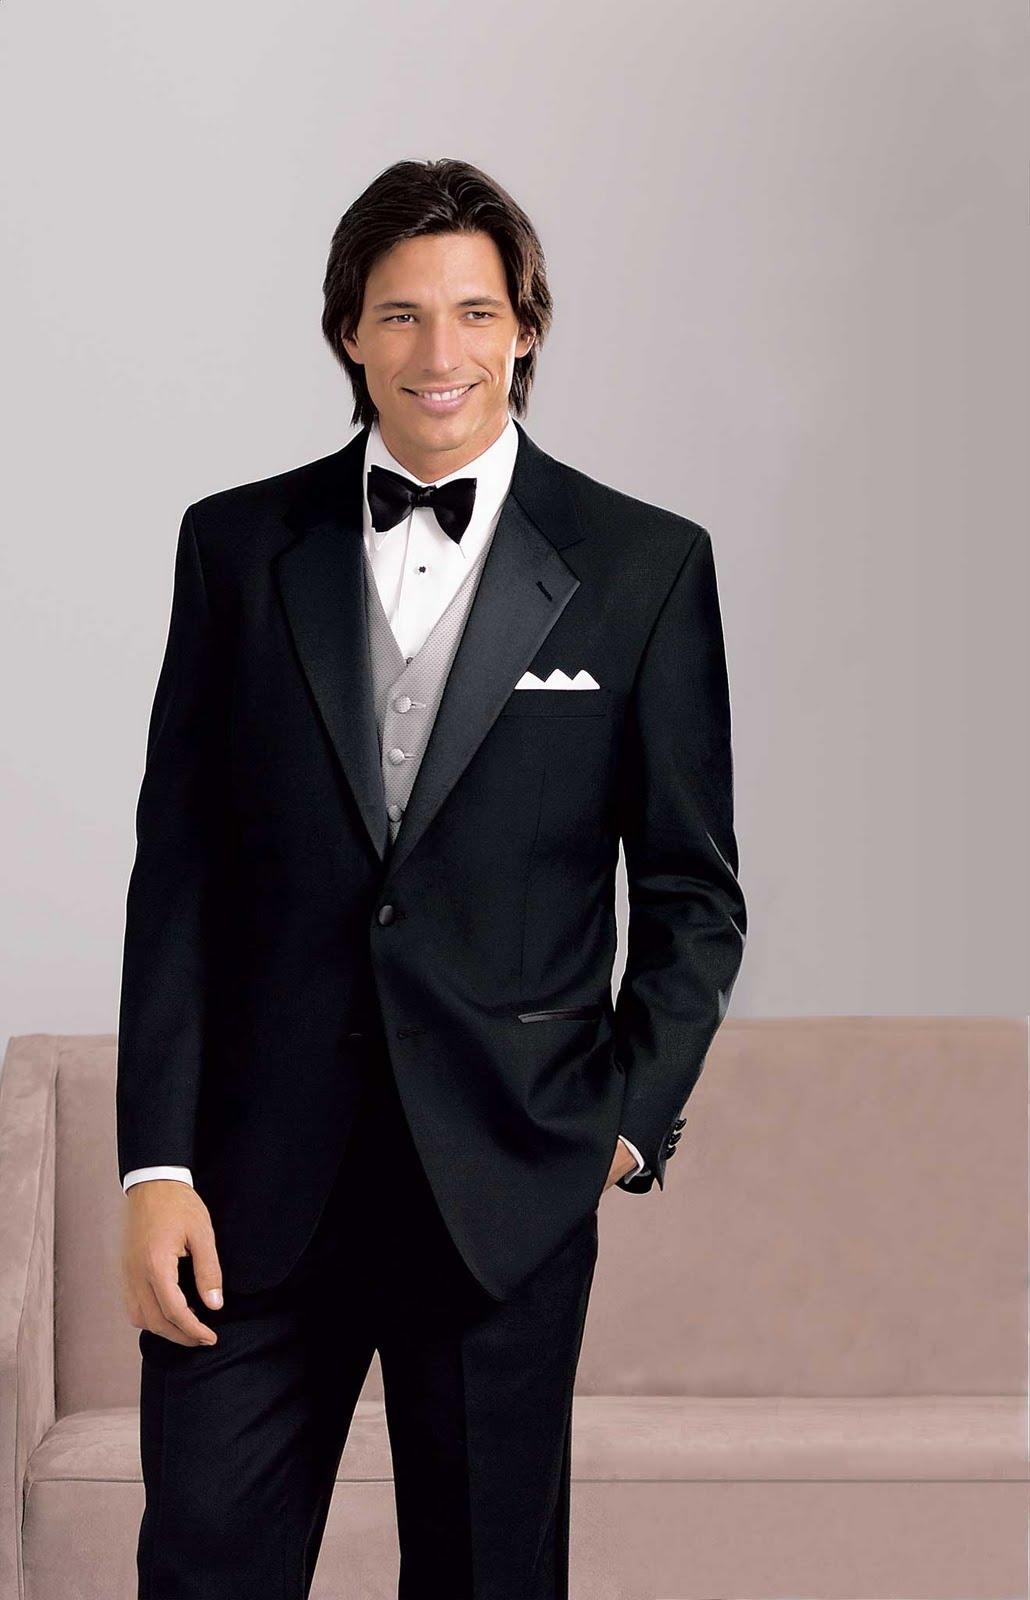 formal attire for men